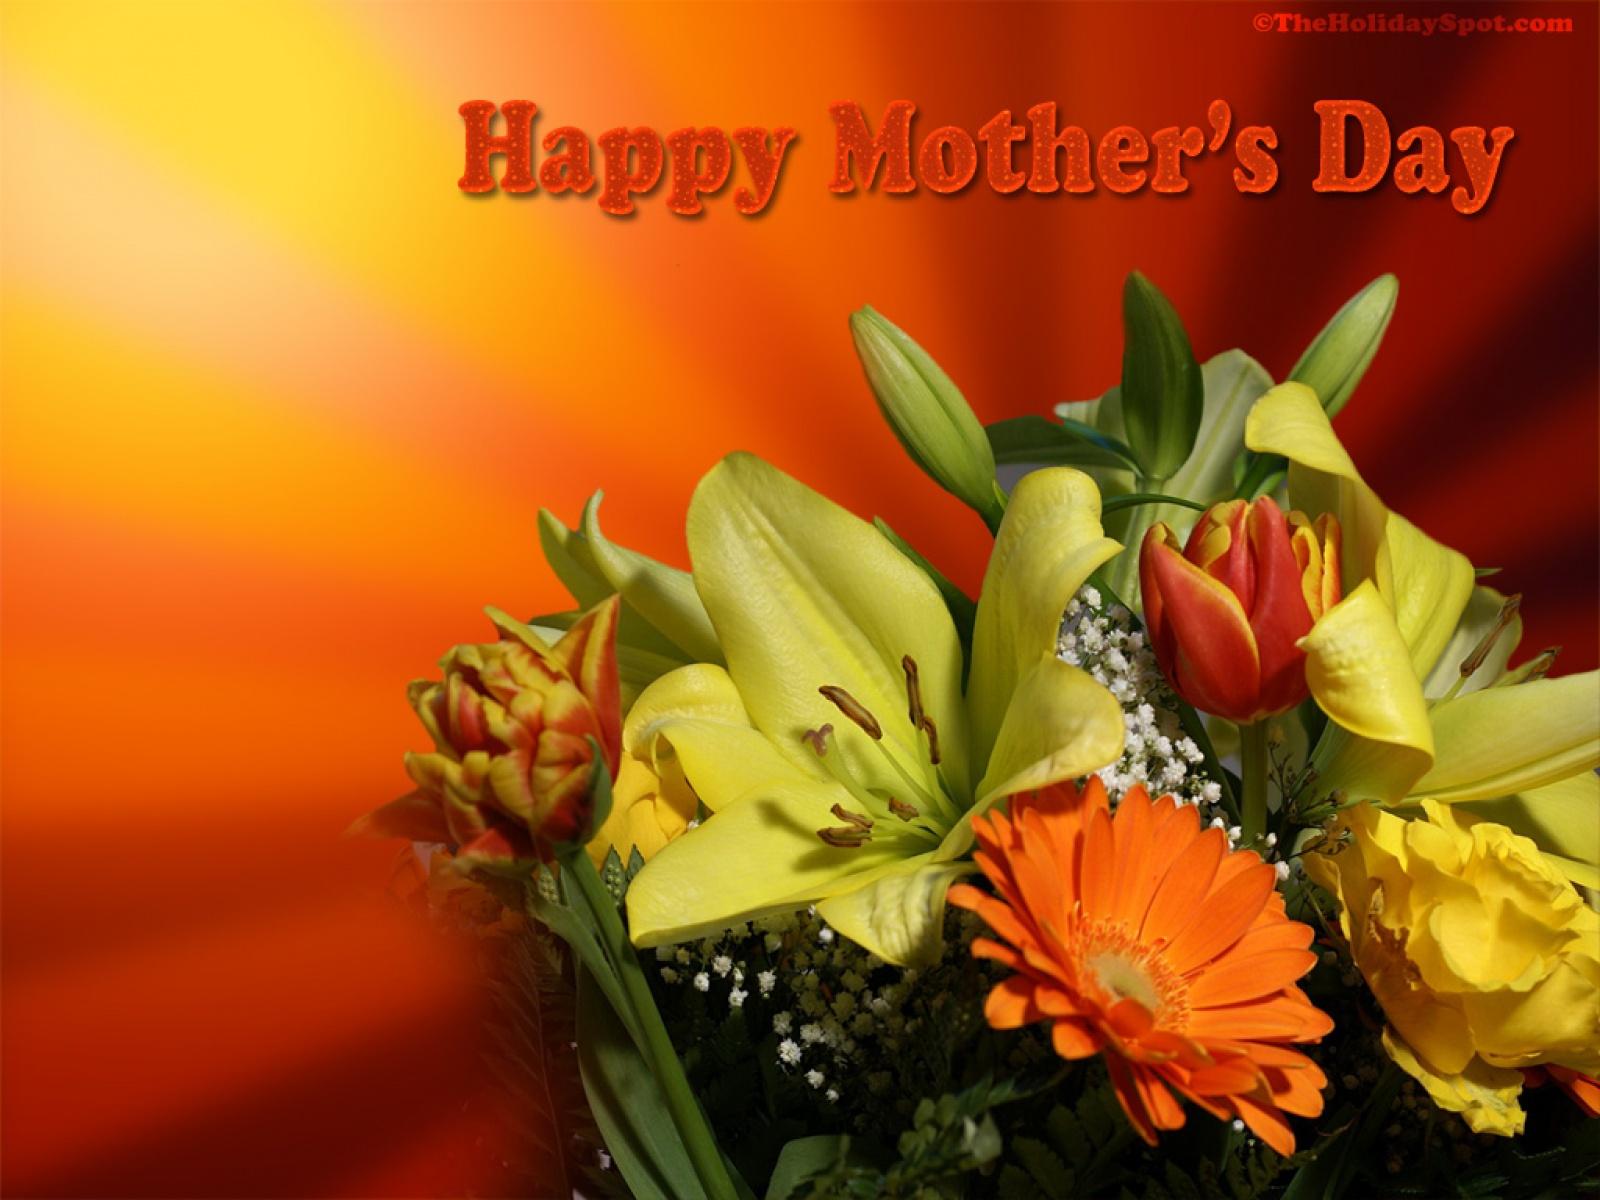 День матери фото открытки, кленовых листьев